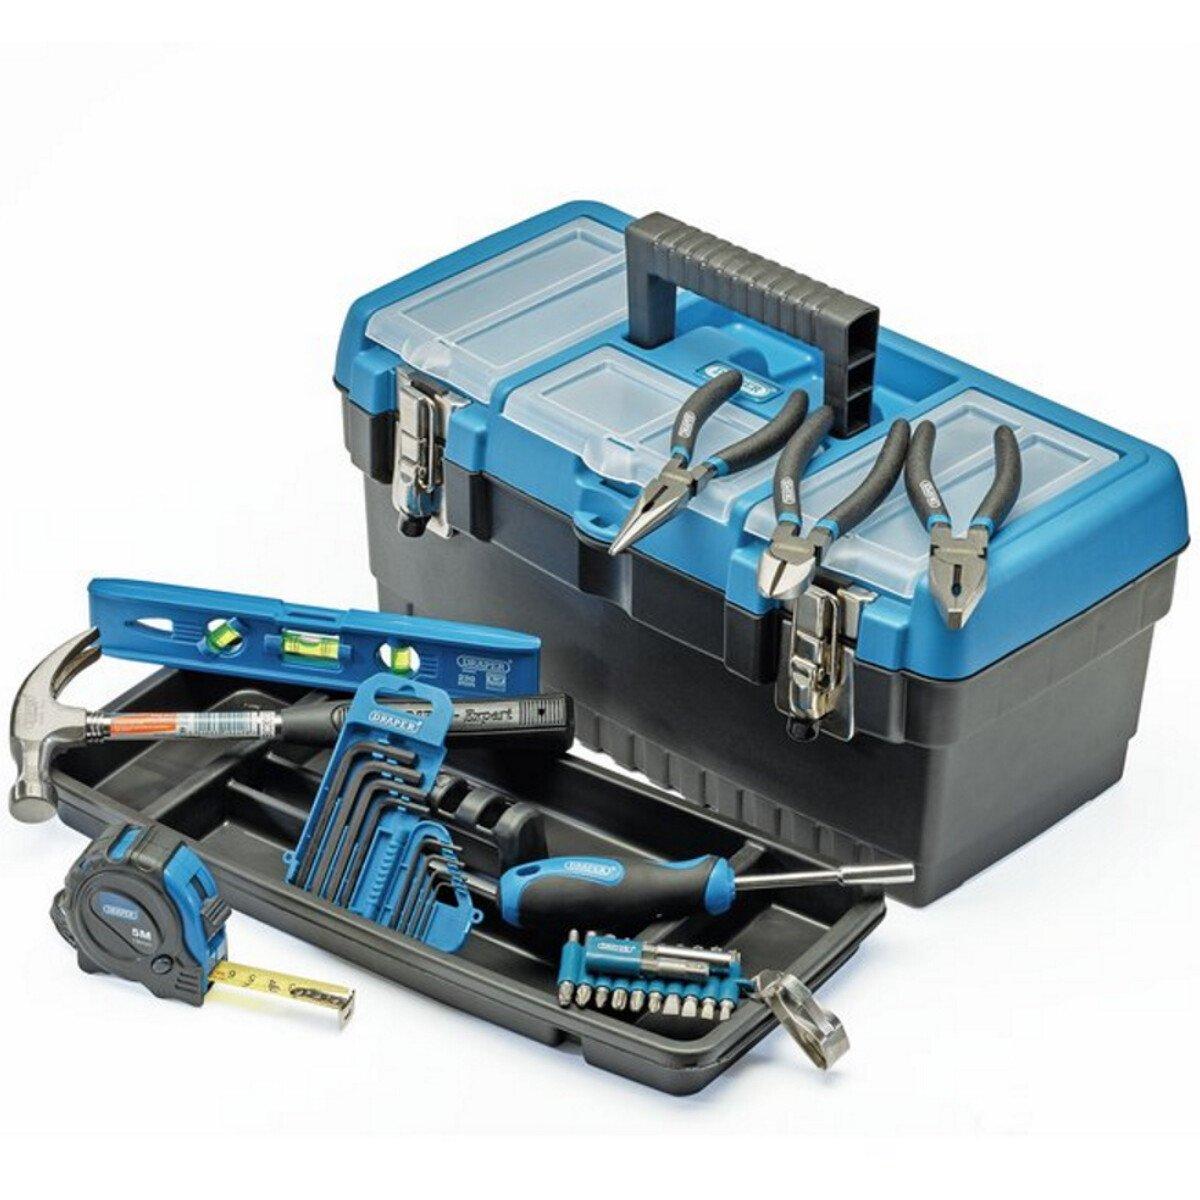 Draper 24892 *JDDIYKIT DIY Essential Tools Kit